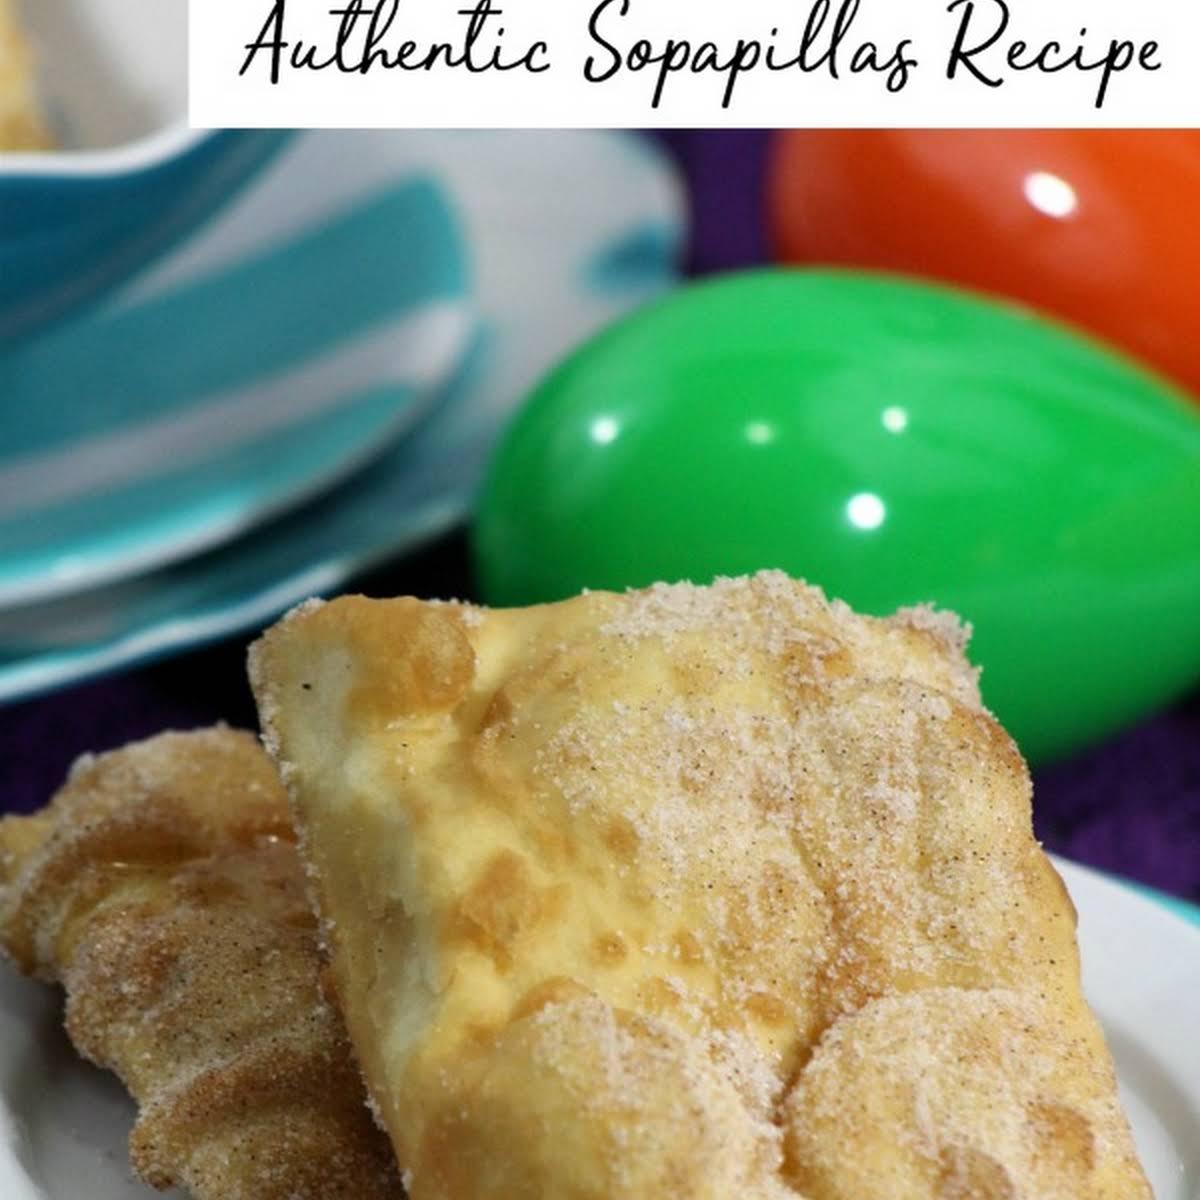 10 Best Baked Sopapillas Recipes